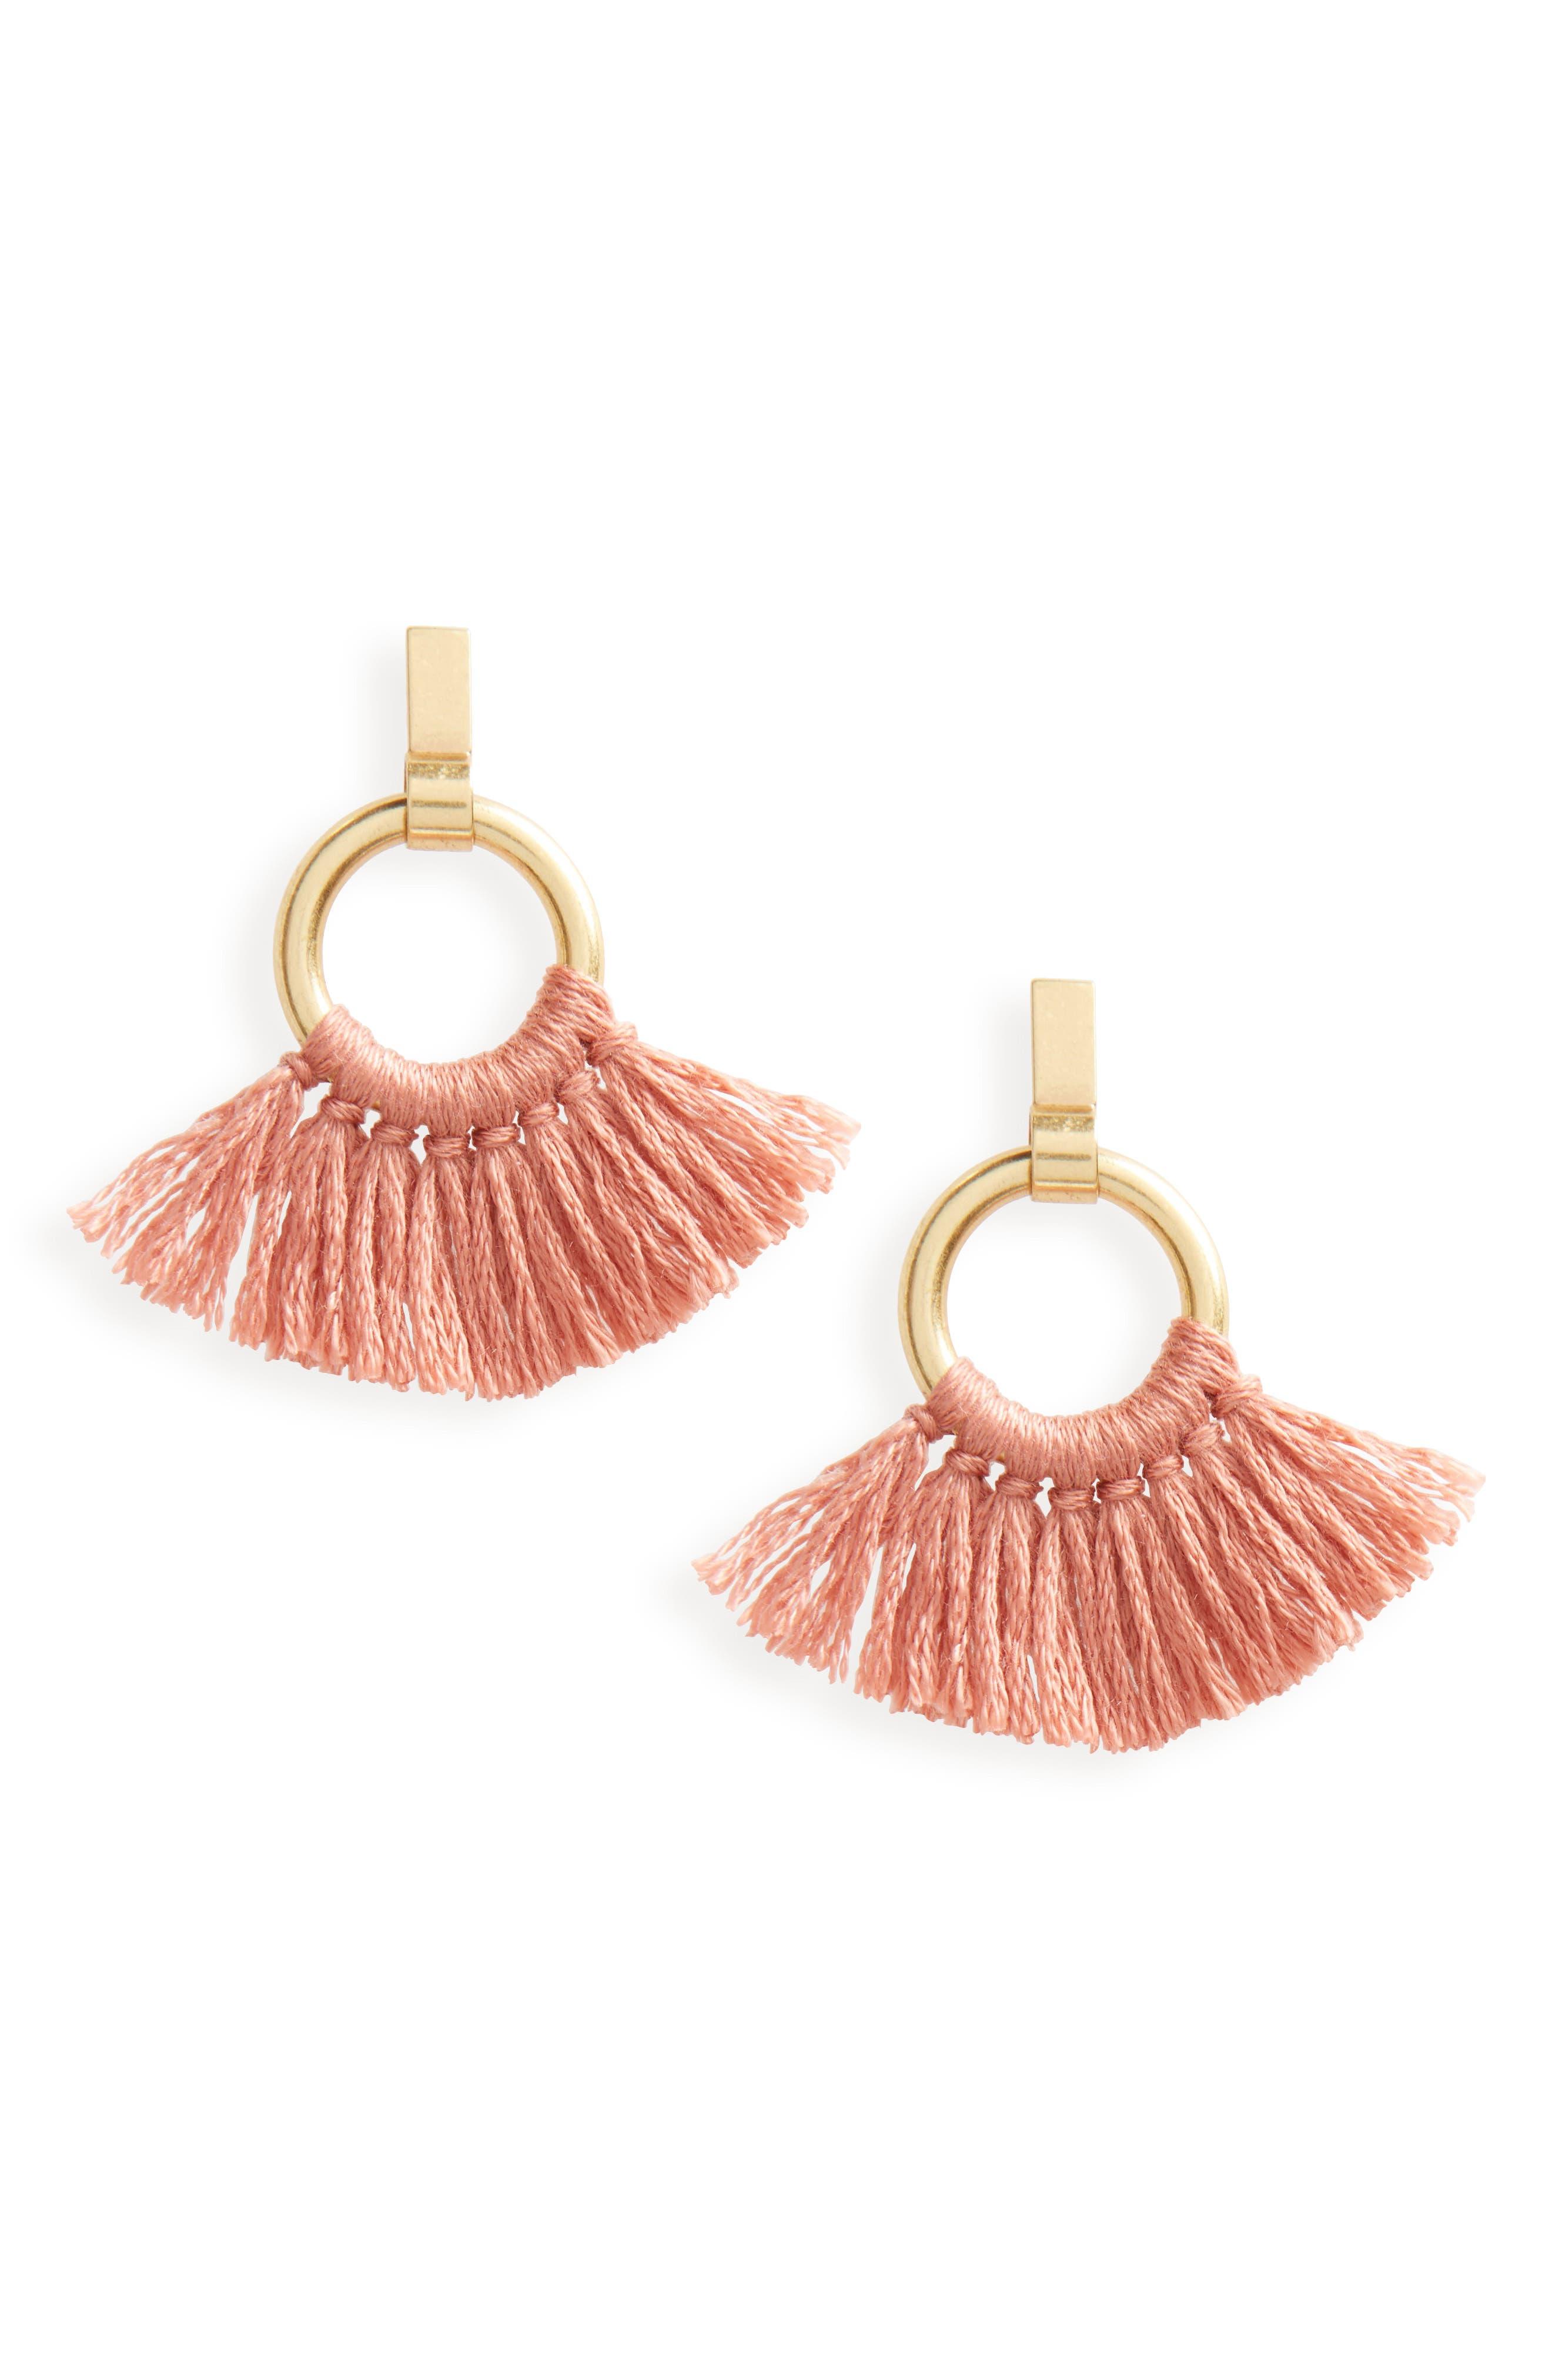 Madewell Tassel Wrap Hoop Earrings